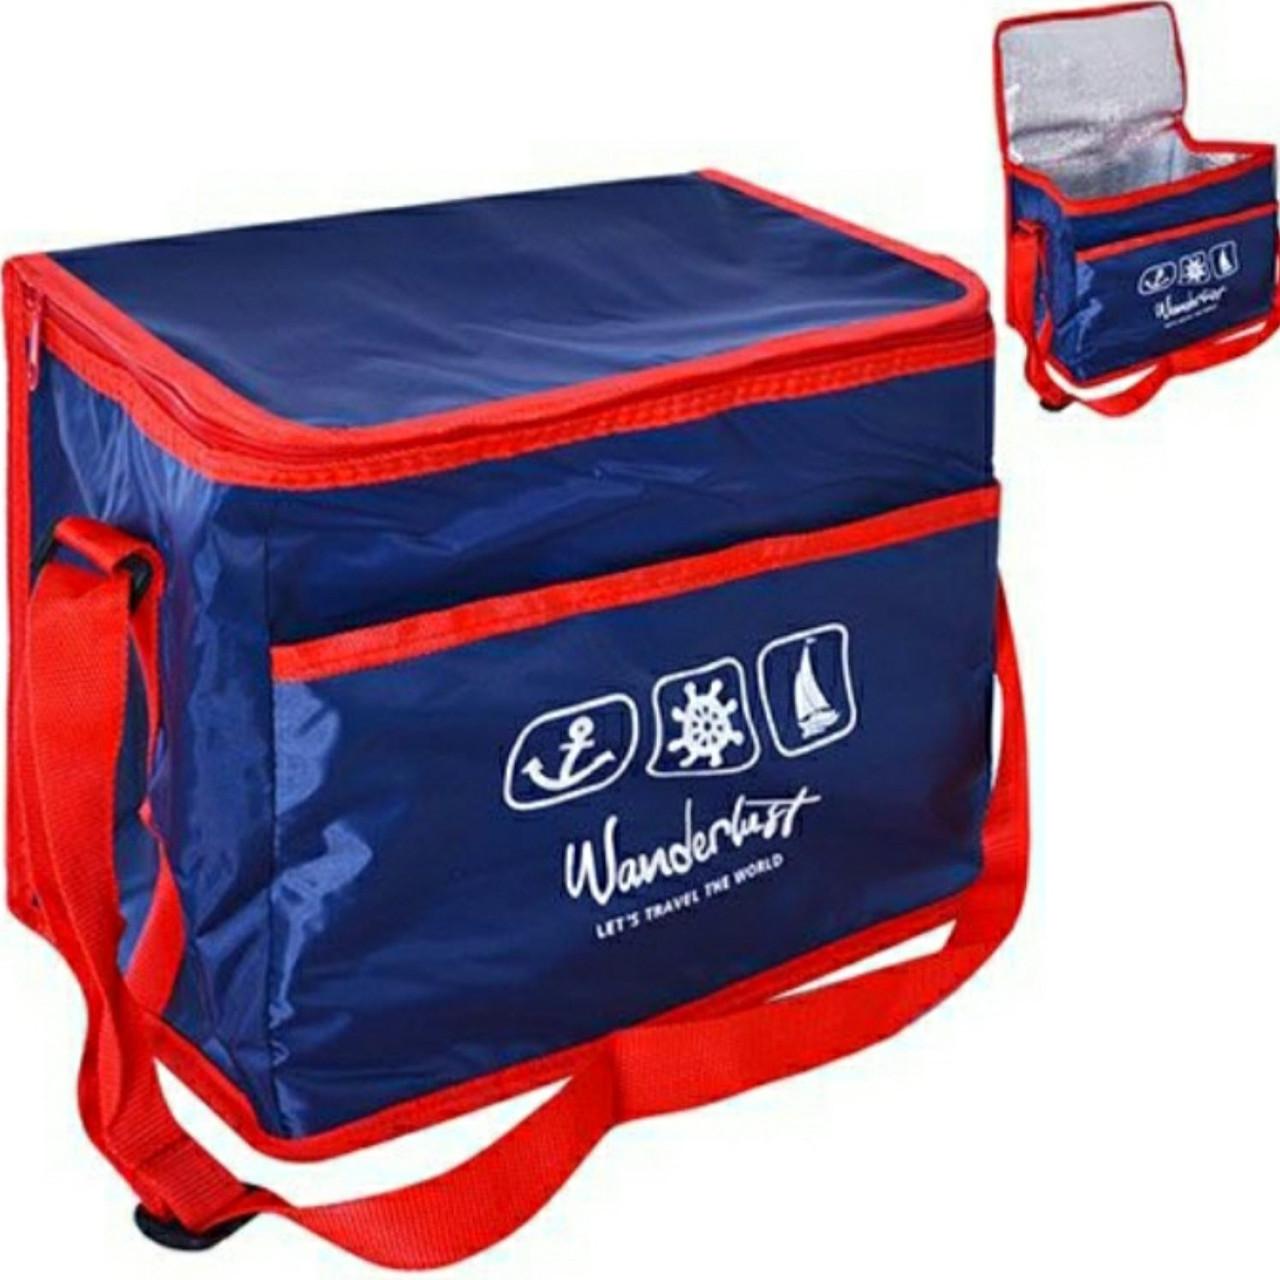 Термосумка (сумка-холодильник, термобокс) для еды и бутылок большая 10 л Wanderlust